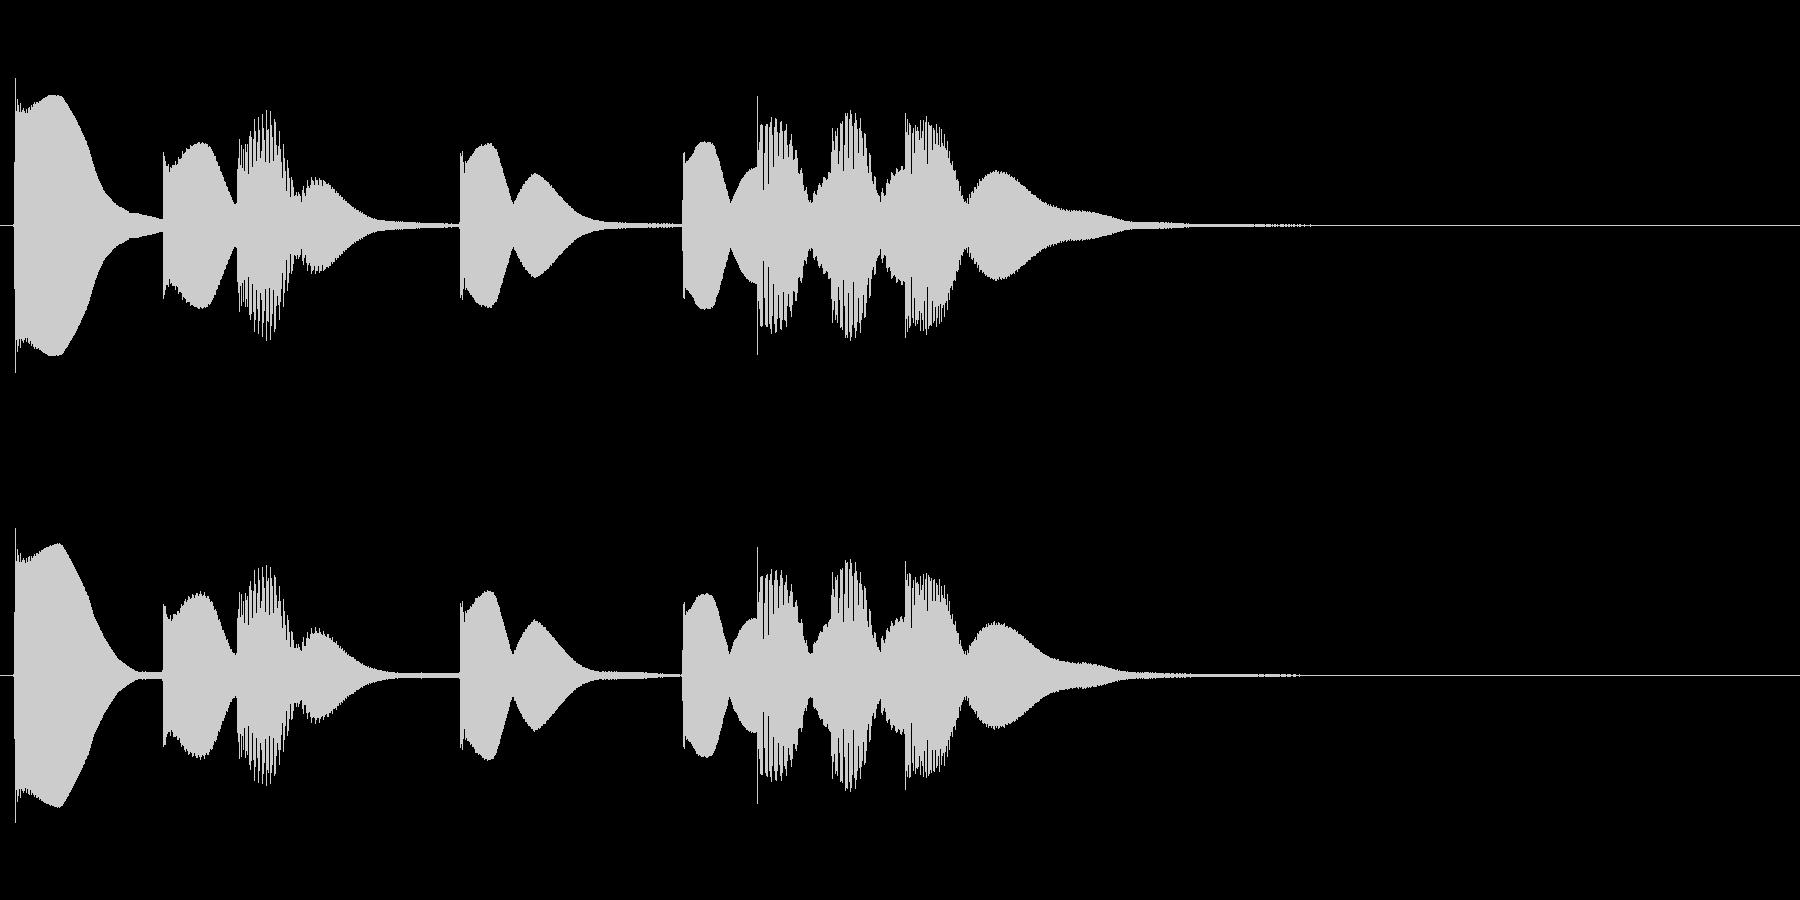 ほのぼのSEの未再生の波形